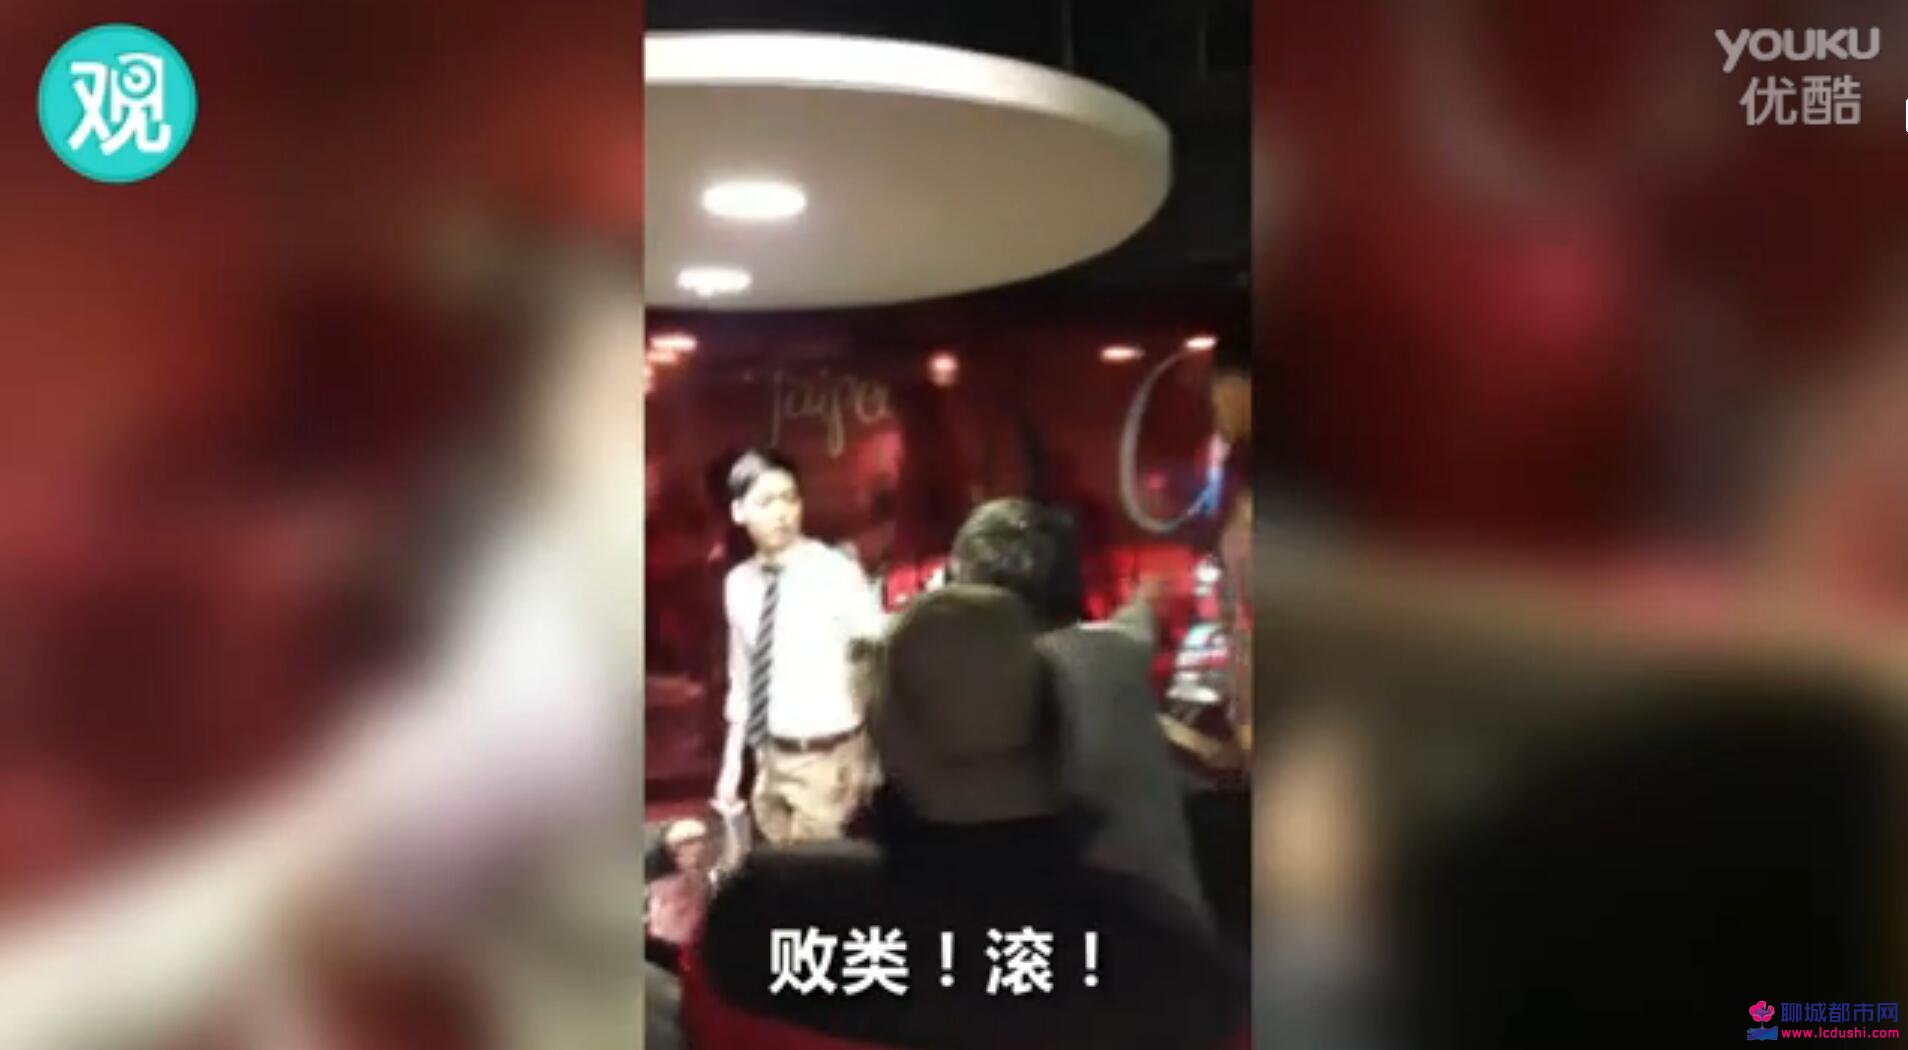 港独分子陈浩天台湾遇袭被打死了吗现场混乱视频,陈浩天资料背景